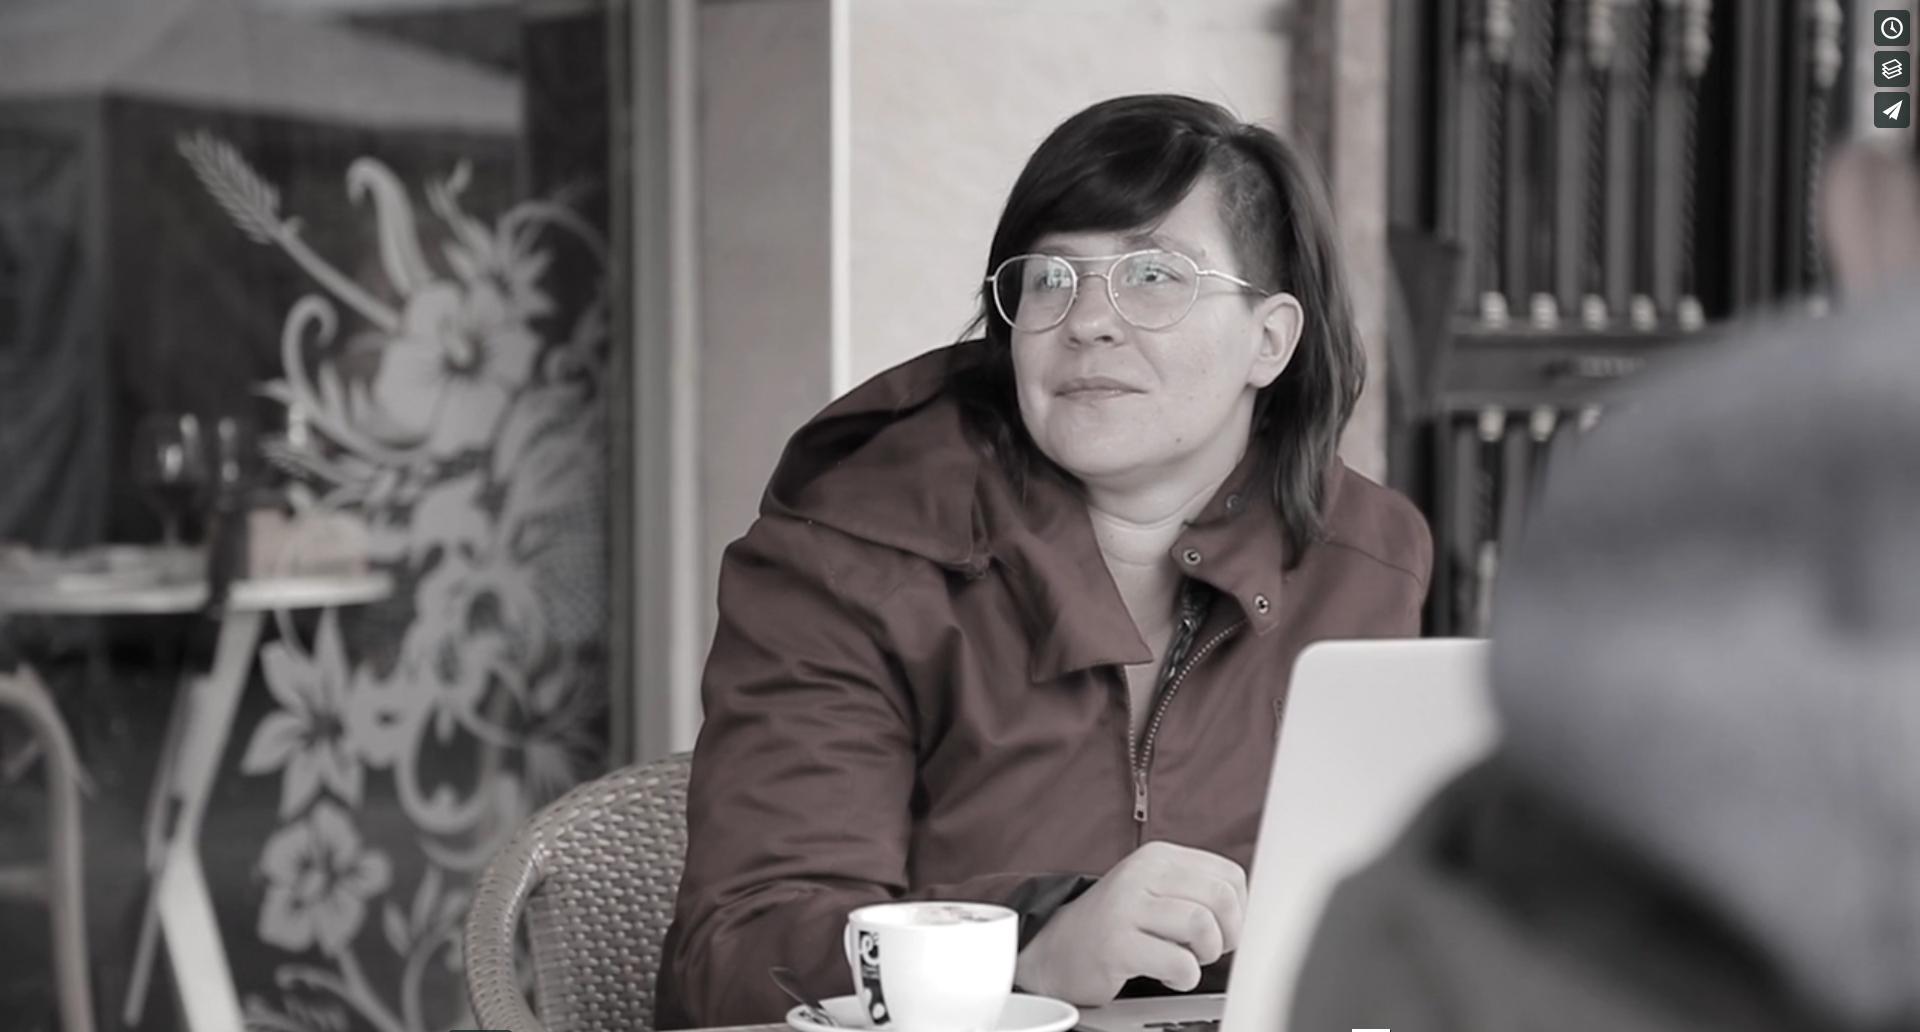 escriure teatre hui? Espais de treball #8, Guadalupe Sáez